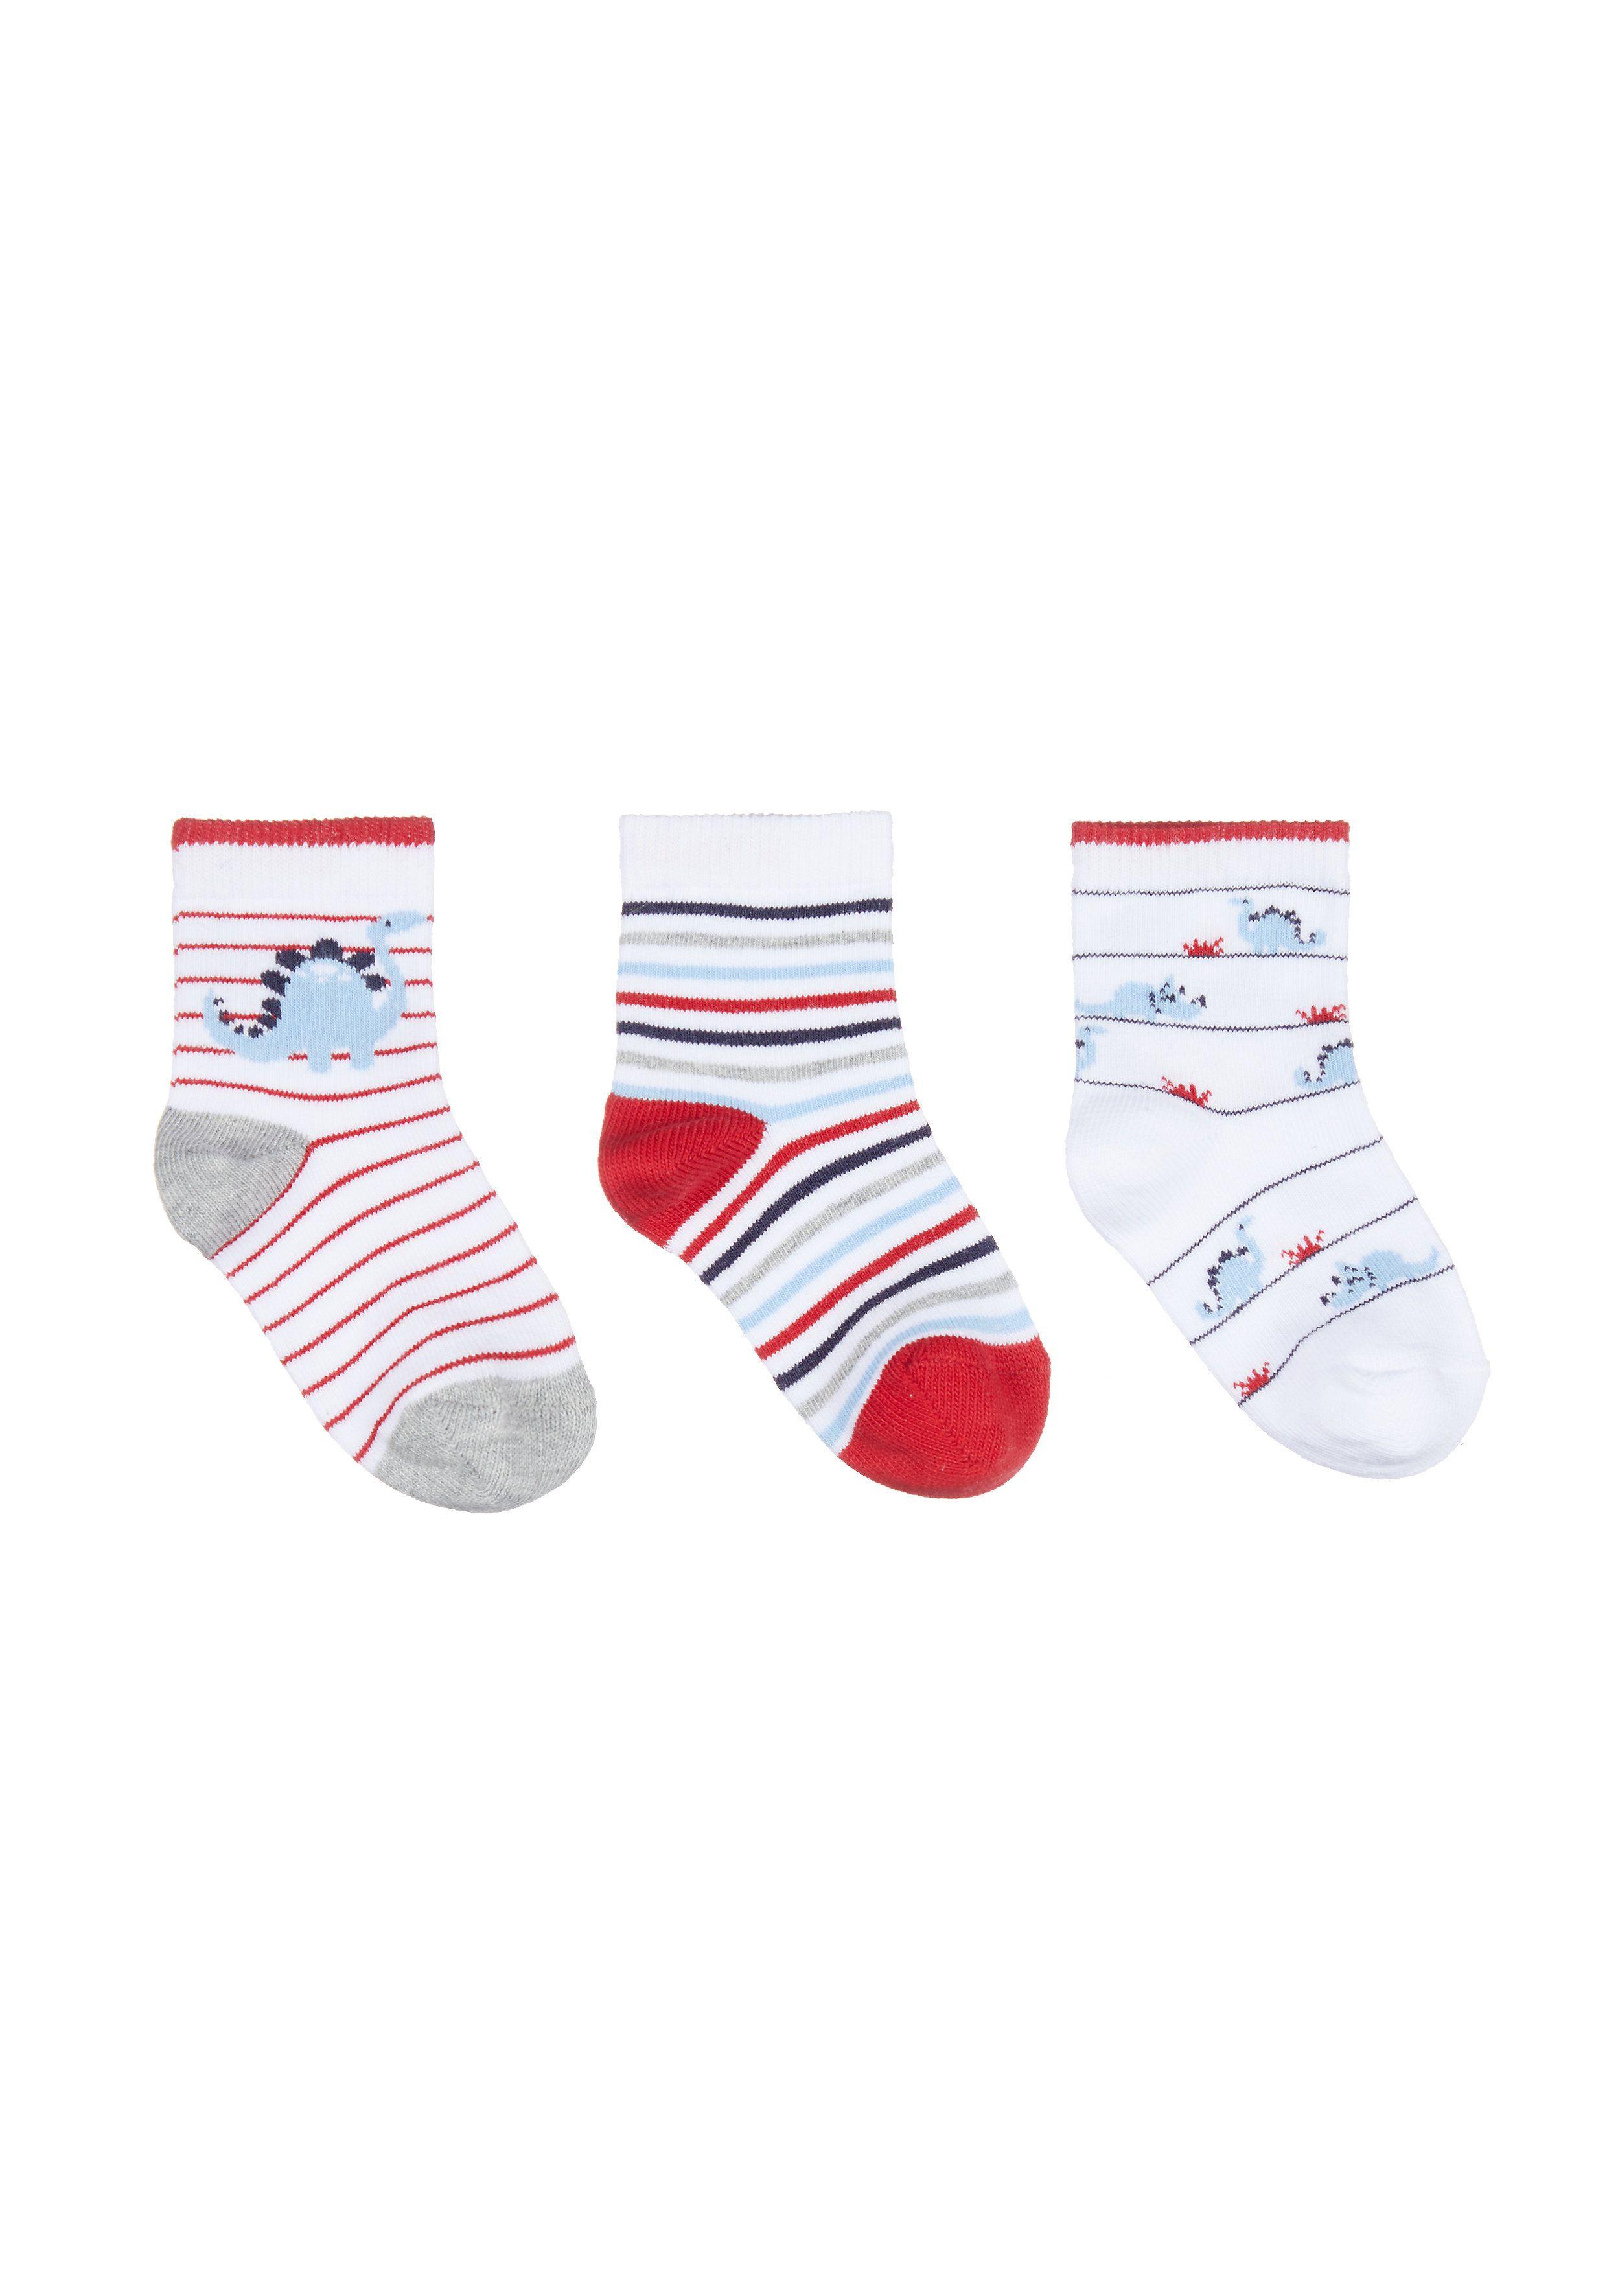 Mothercare | Boys Dino Stripe Socks - 3 Pack - Navy, Red & White